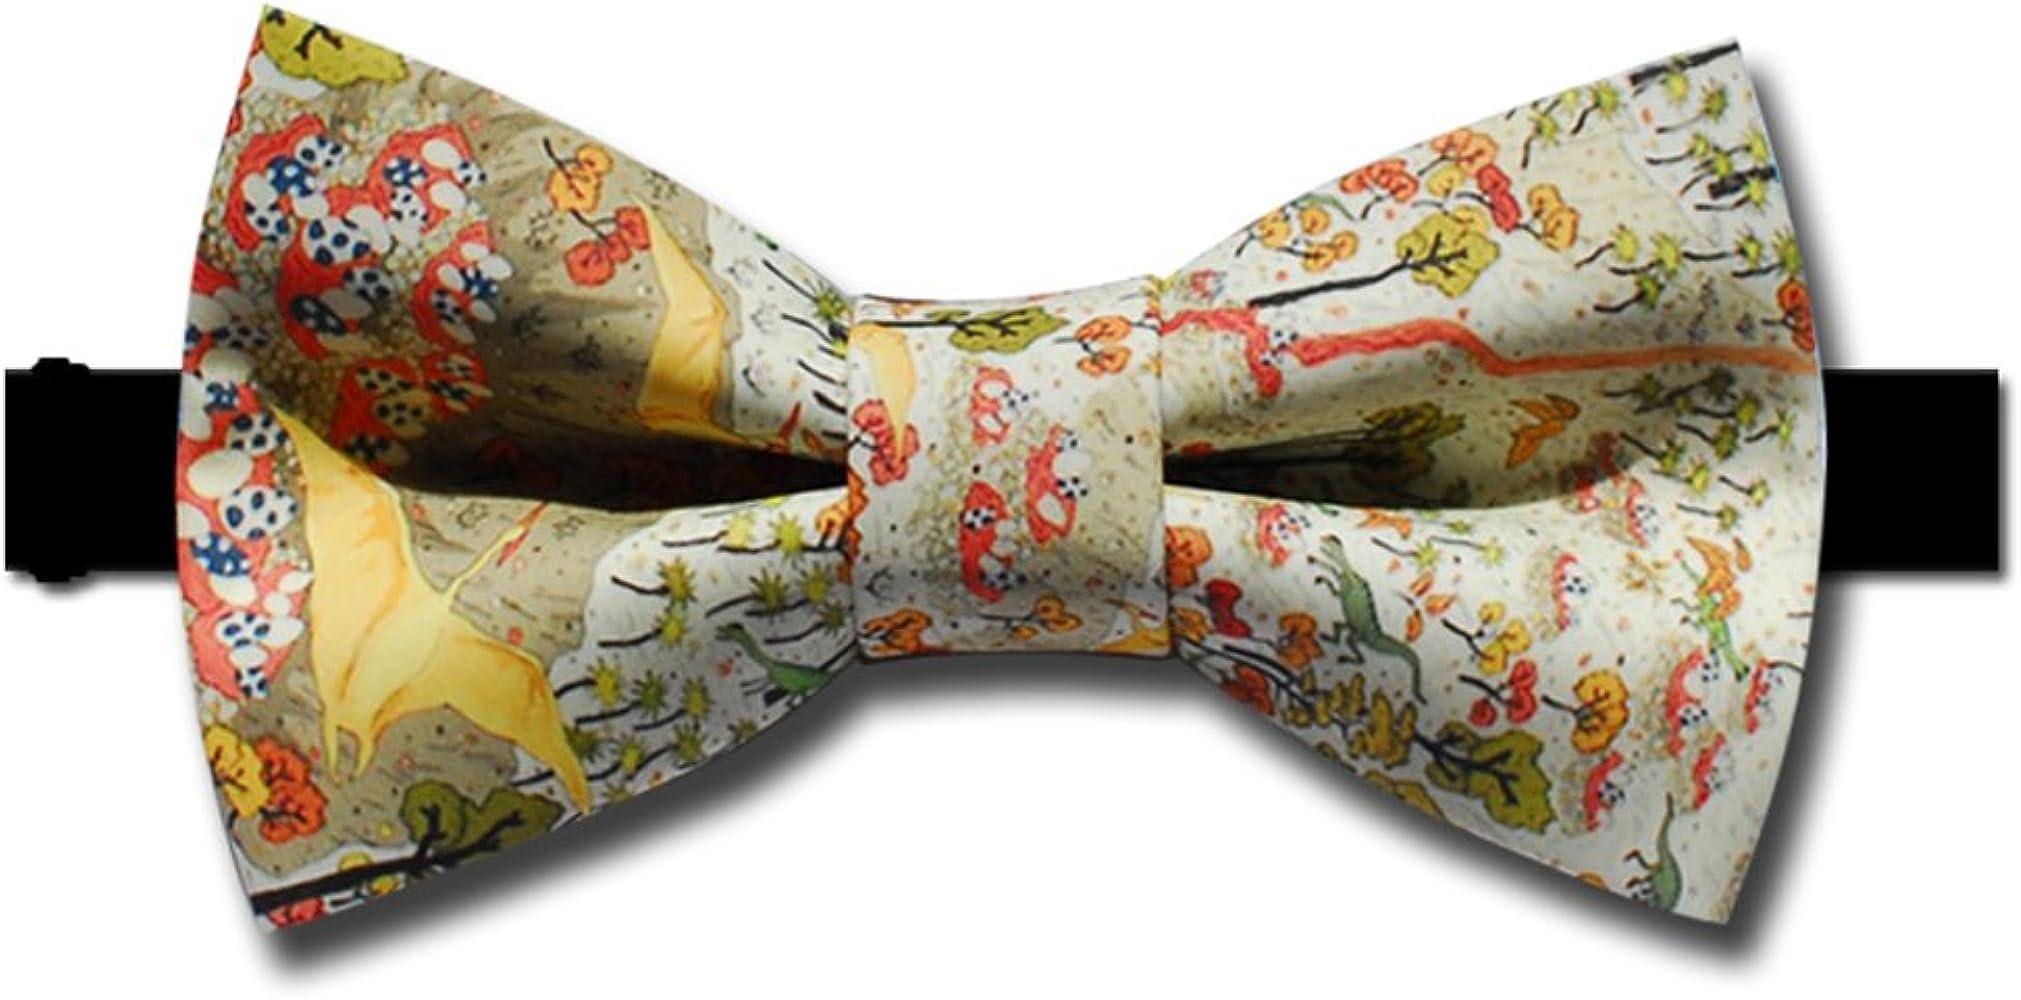 Dise?o De Corbata Dinosaurios Estampados Textiles Pajarita ...